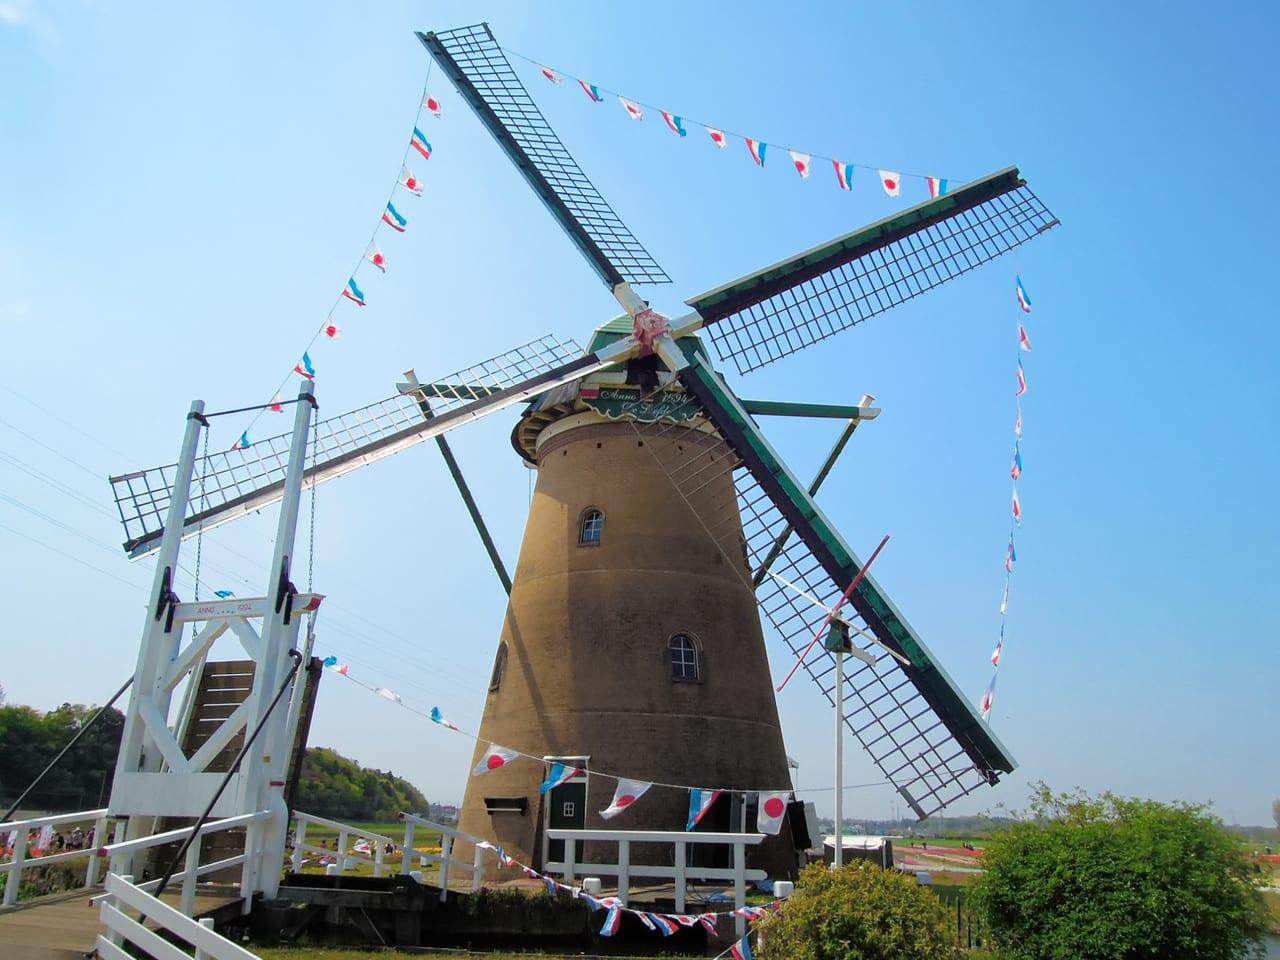 ふるさと広場 オランダ風車